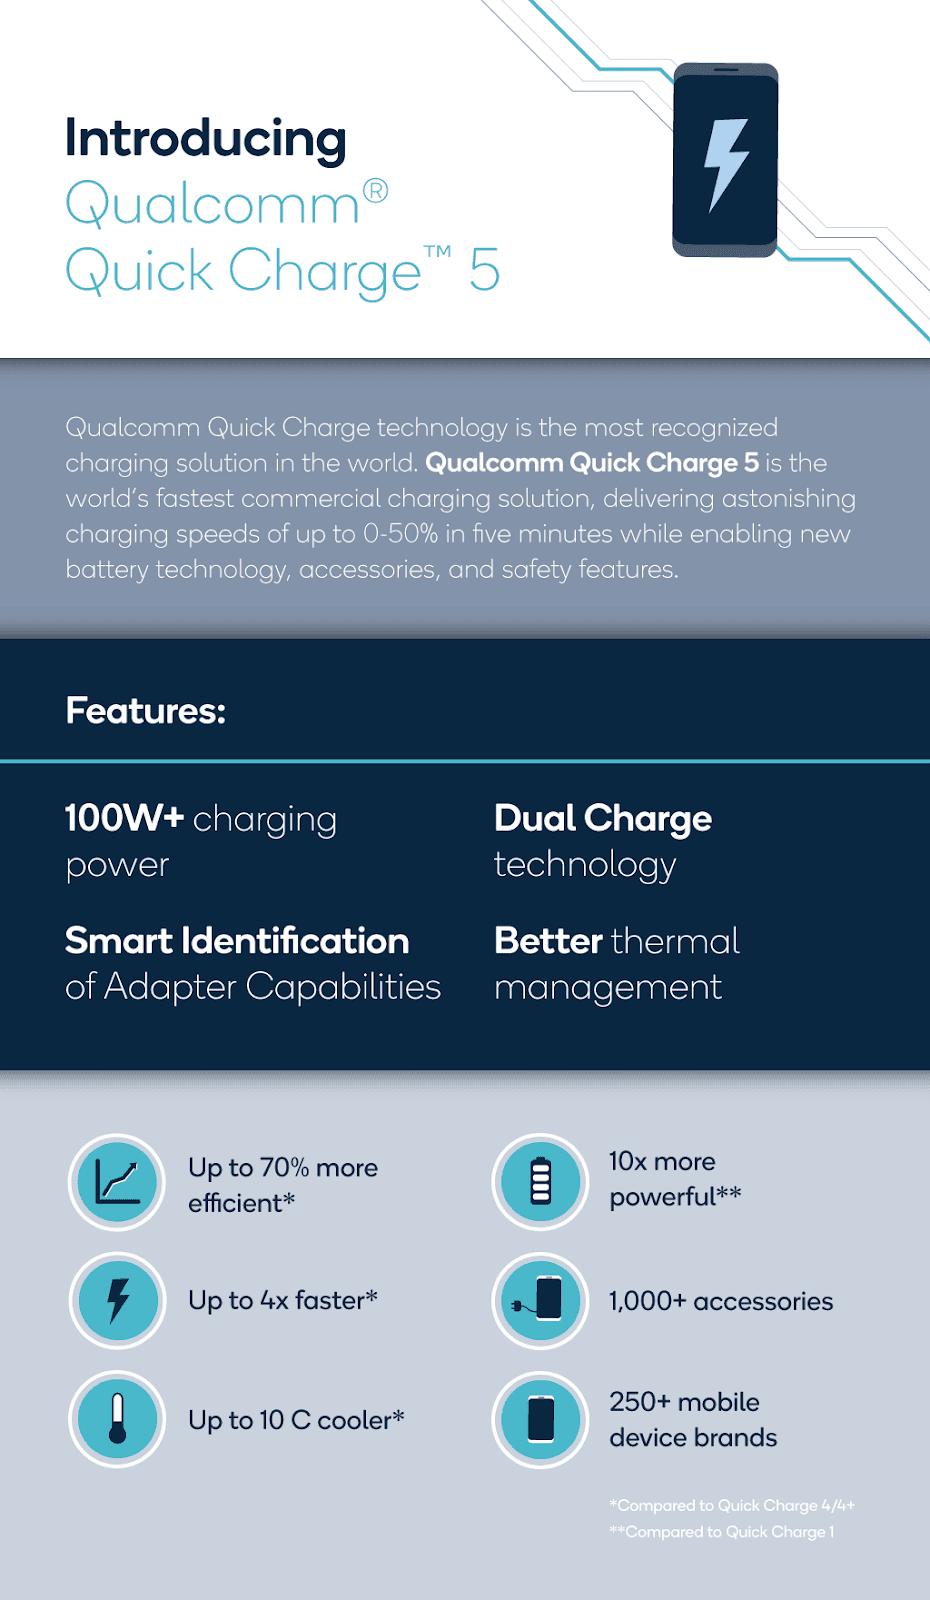 La compañía Qualcomm presentó el nuevo sistema de carga rápida Quick Charge 5